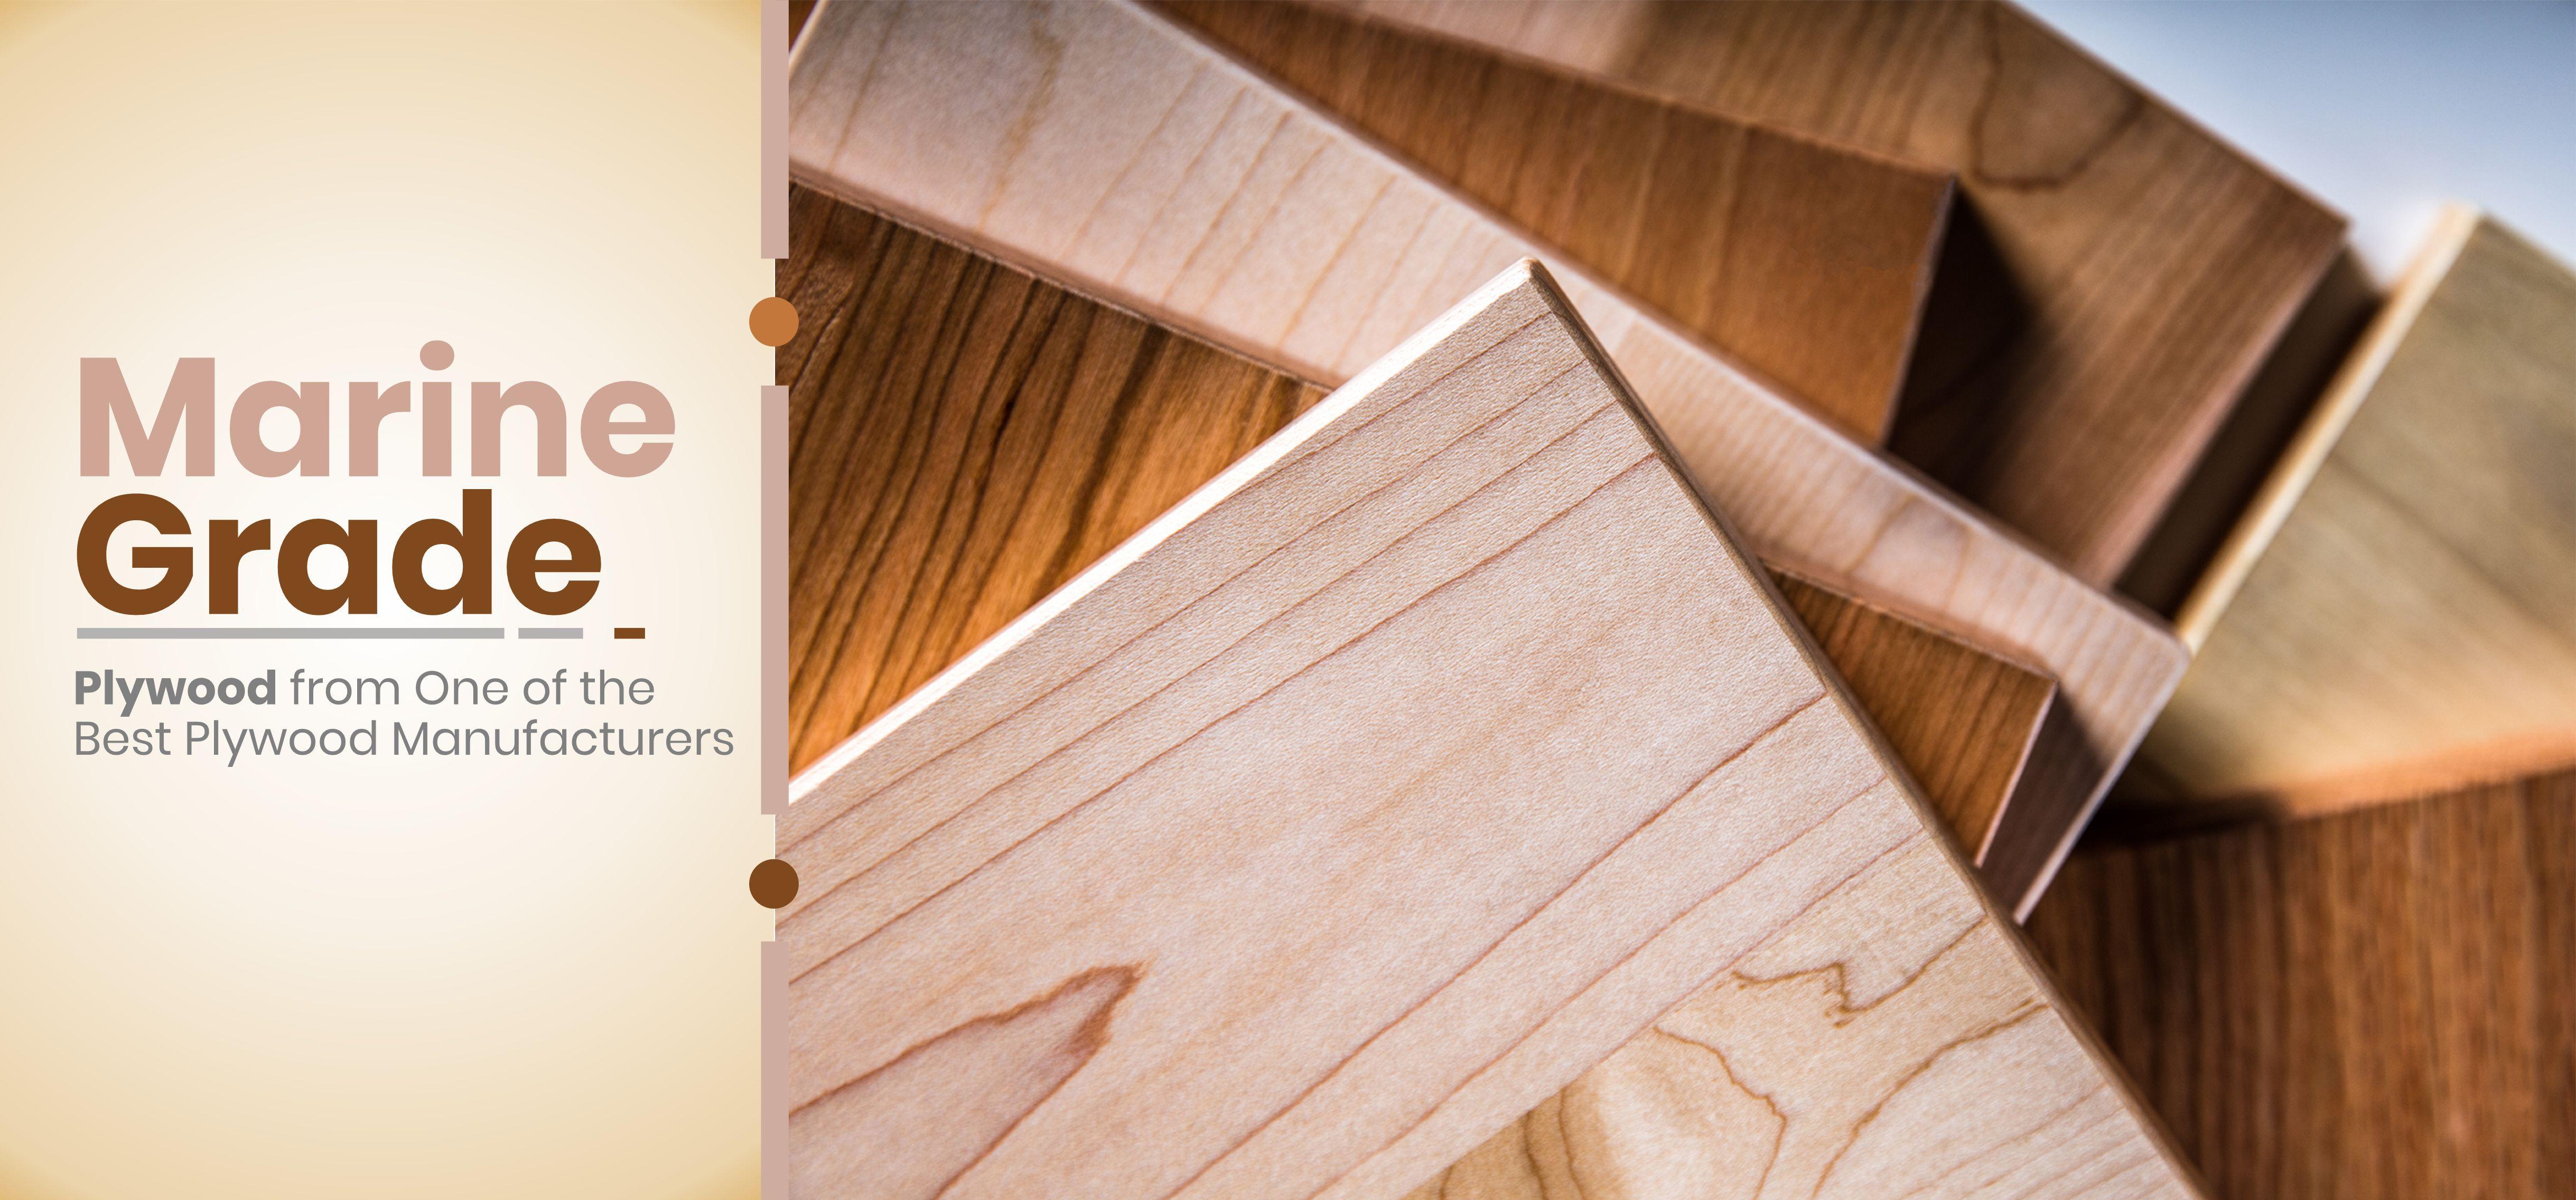 Marine Grade Plywood Kitchen Cabinets Virgo Group Marine Grade Plywood Plywood Kitchen Plywood Design